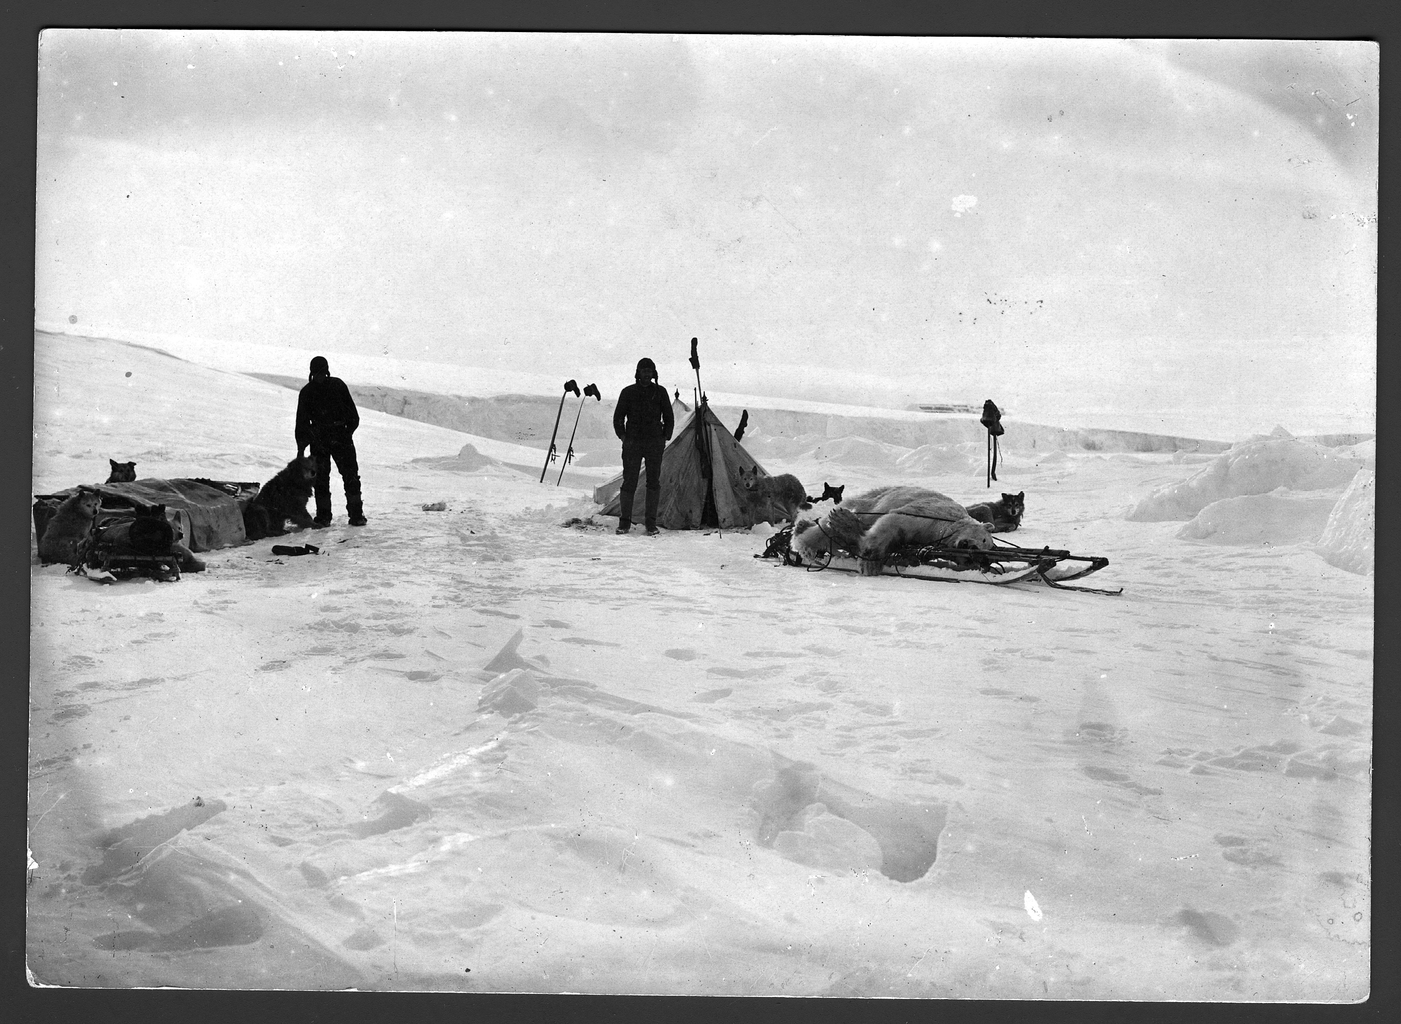 Участники санной экспедиции около своей палатки